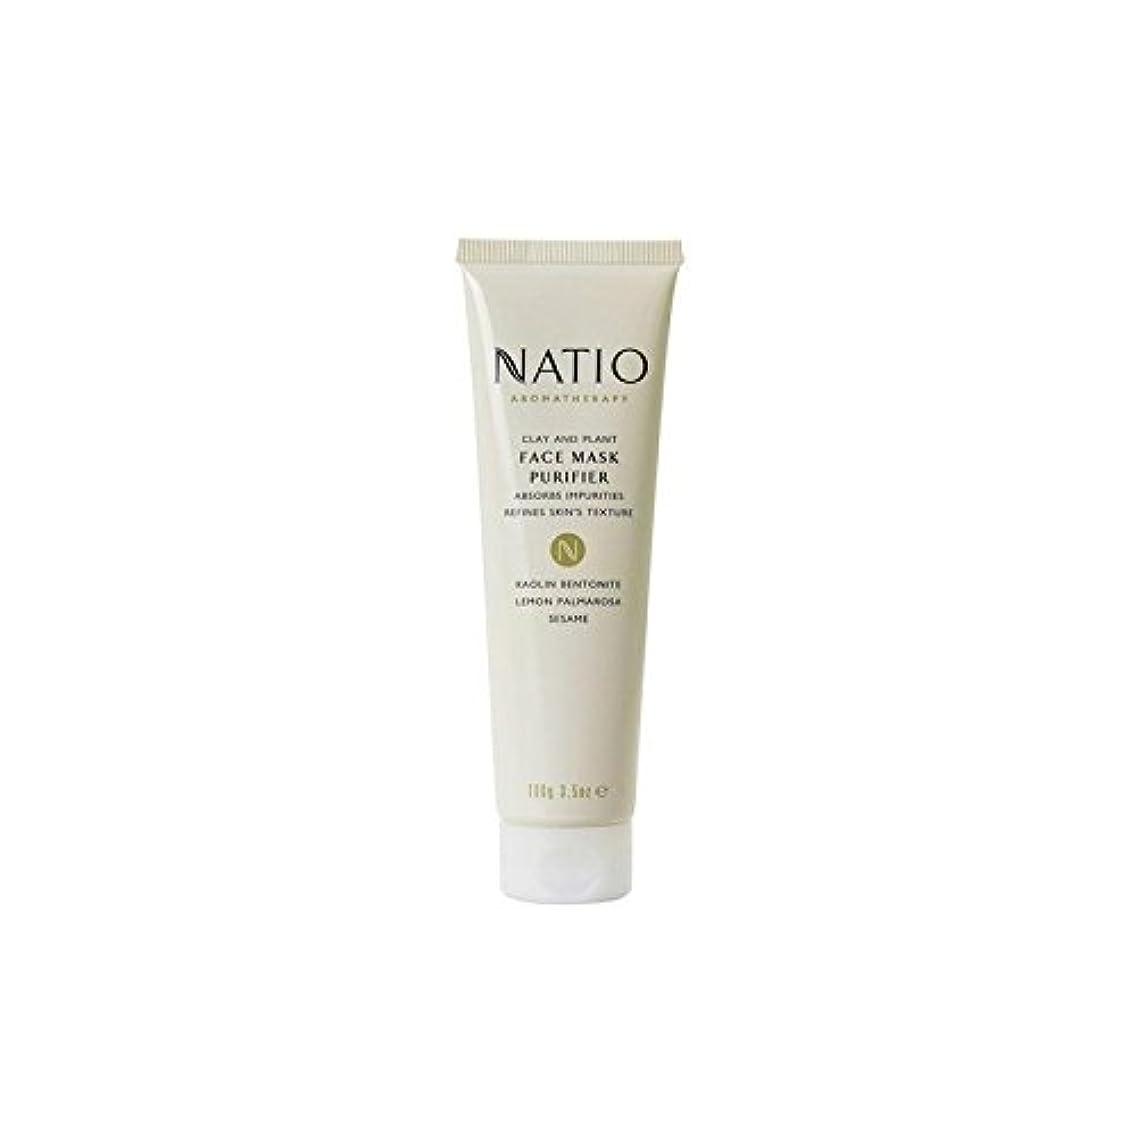 発音するバルク急いで粘土&植物フェイスマスクの浄化(100グラム) x4 - Natio Clay & Plant Face Mask Purifier (100G) (Pack of 4) [並行輸入品]